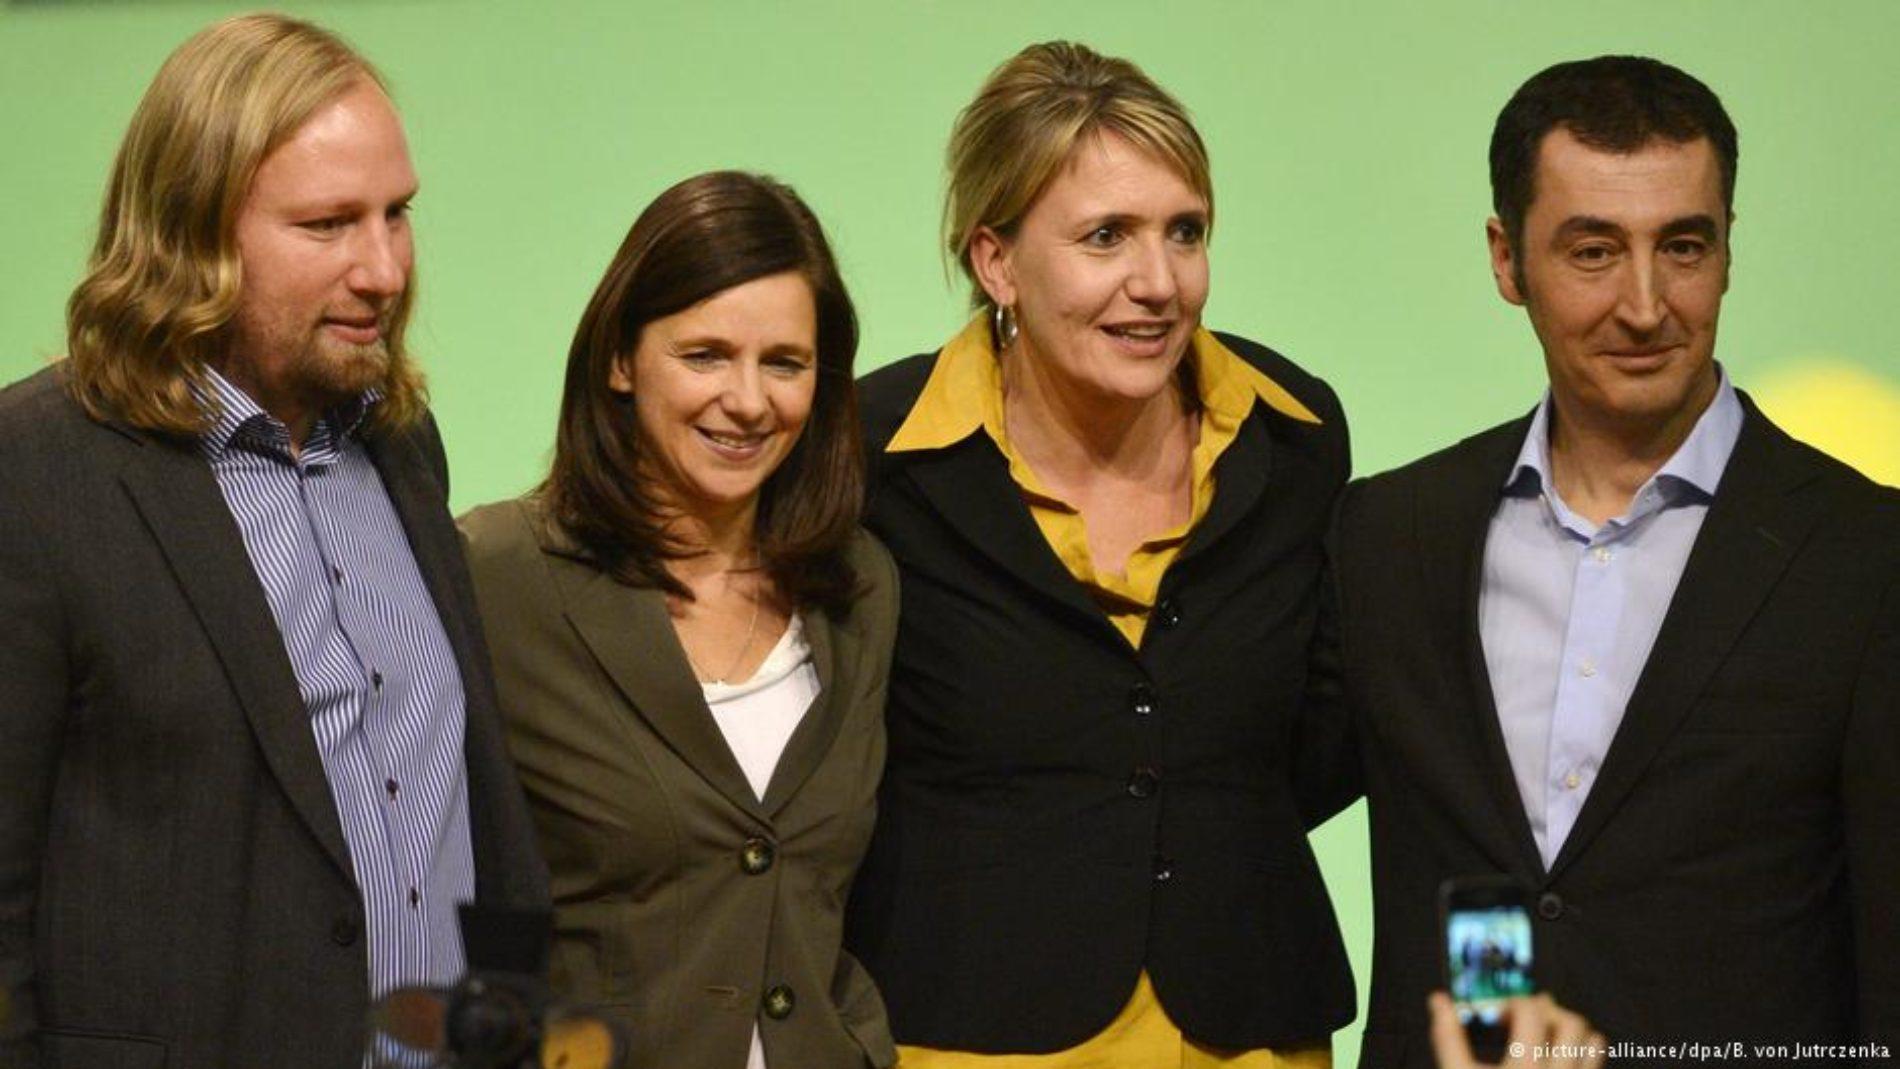 Stranka Zelenih traži od njemačke vlade da se izjasni o srpskom nacionalizmu